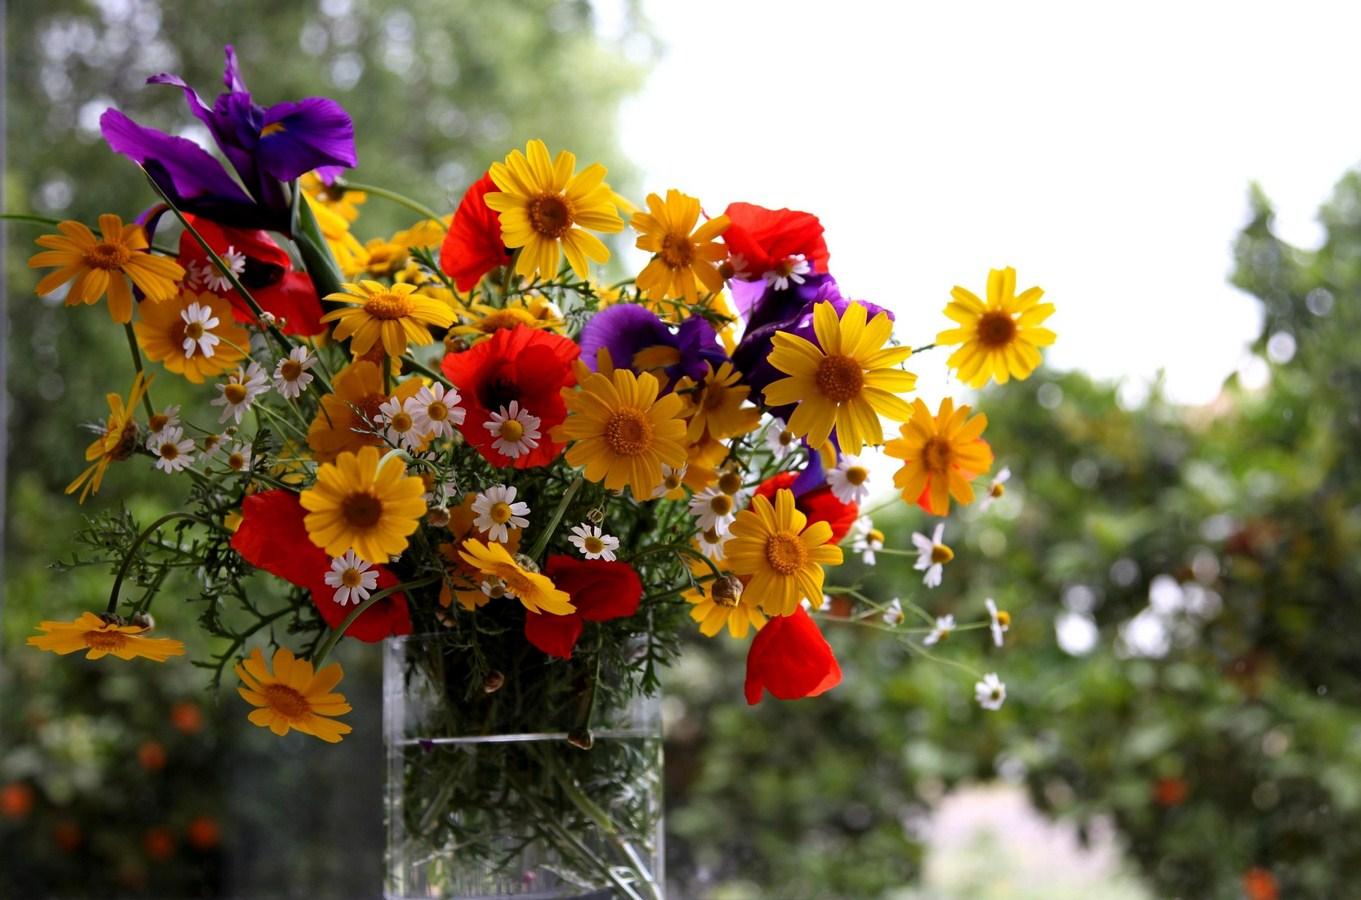 daisy pics